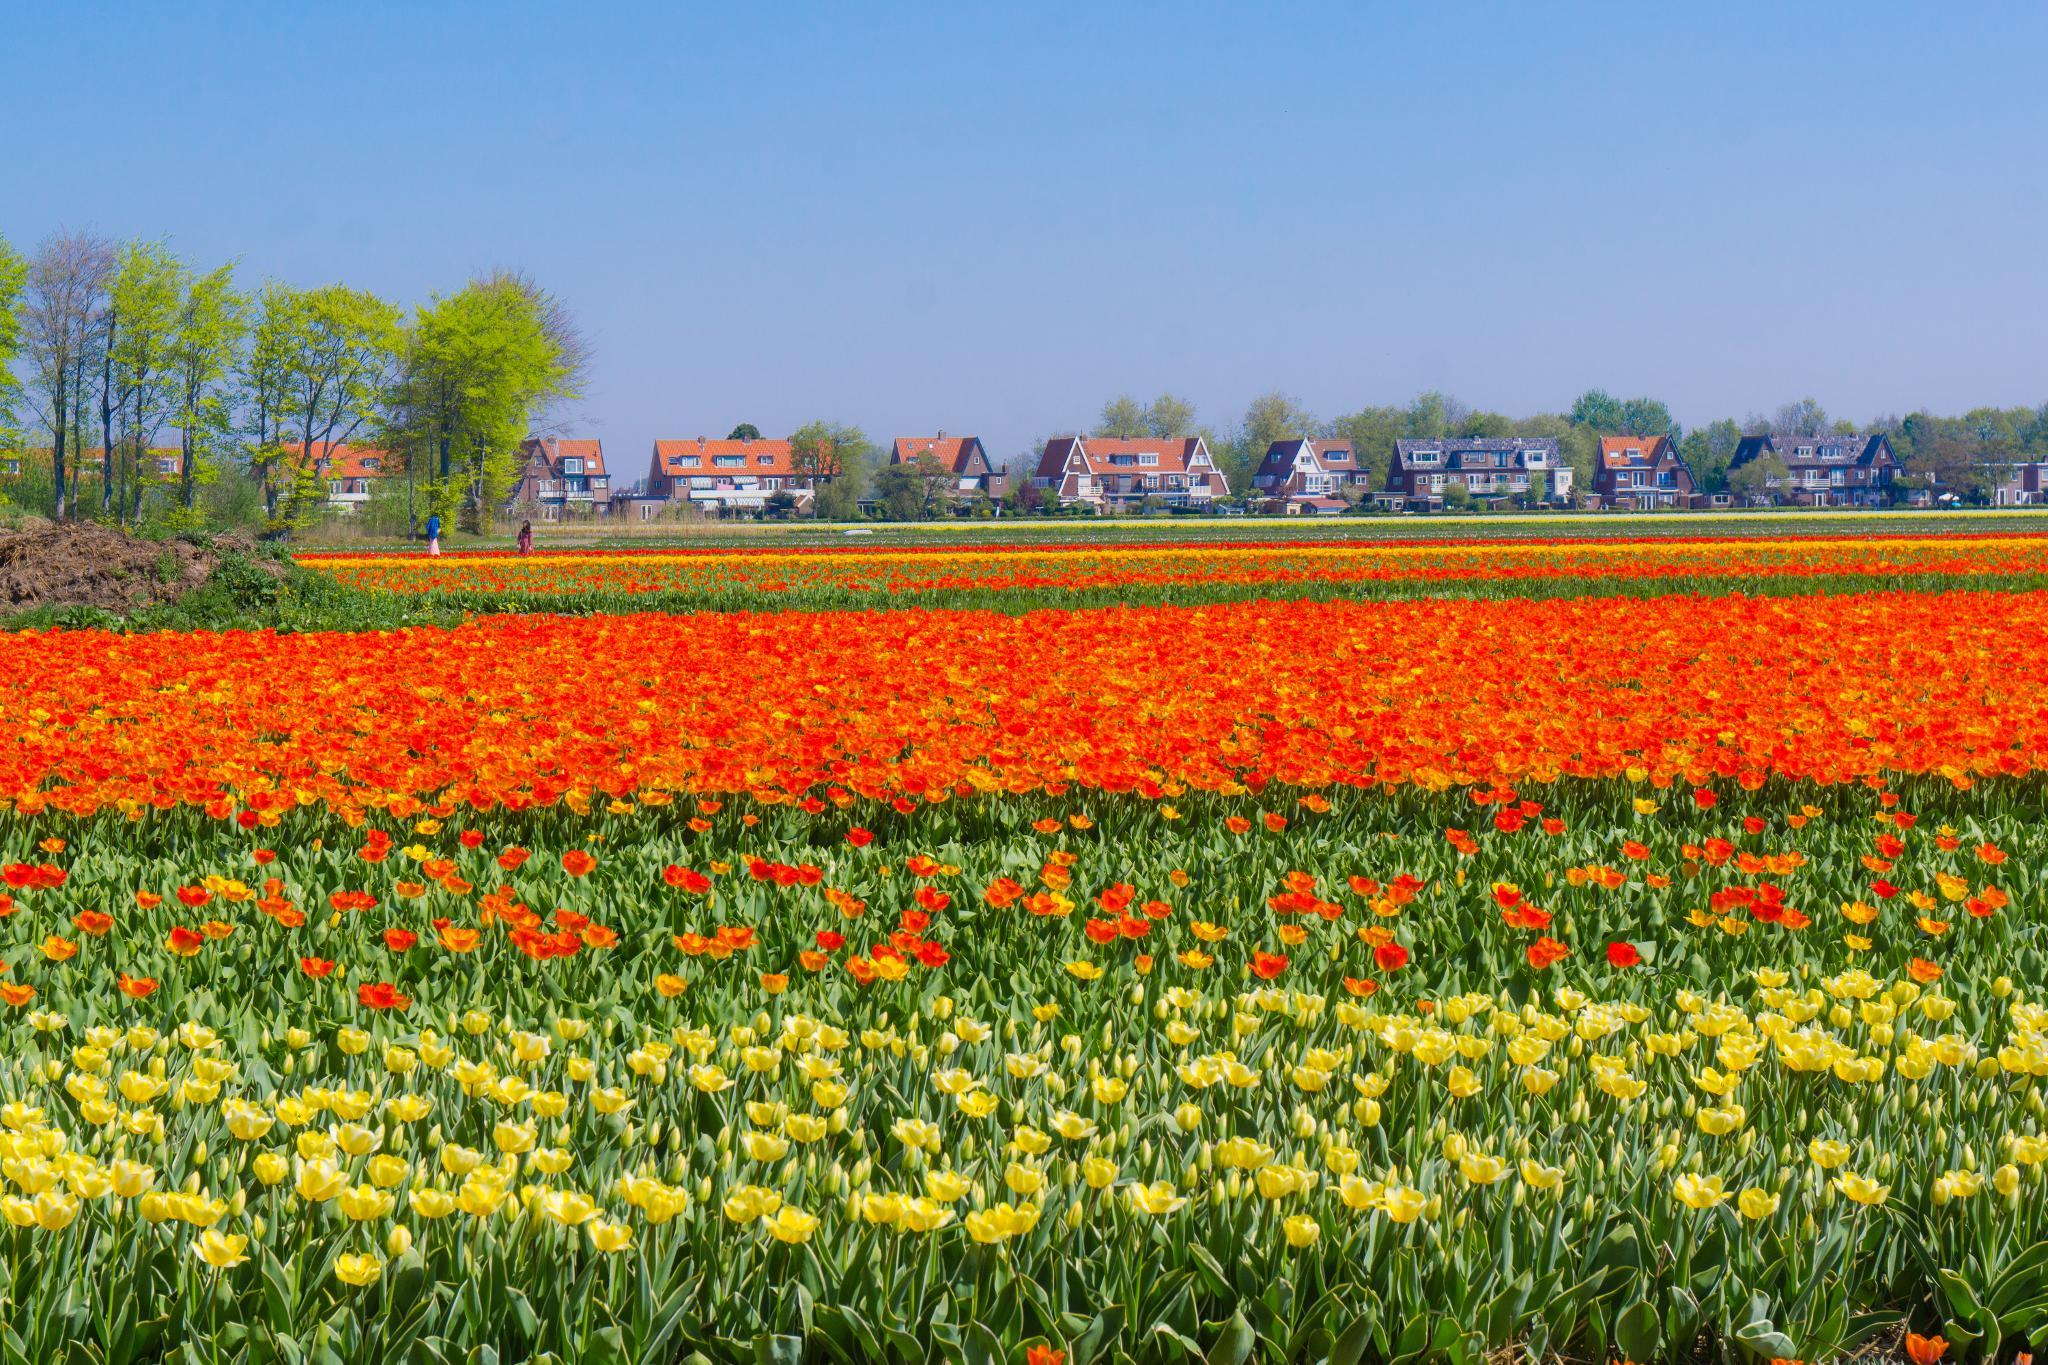 【荷蘭印象】花田嬉事:荷蘭單車花之路 19